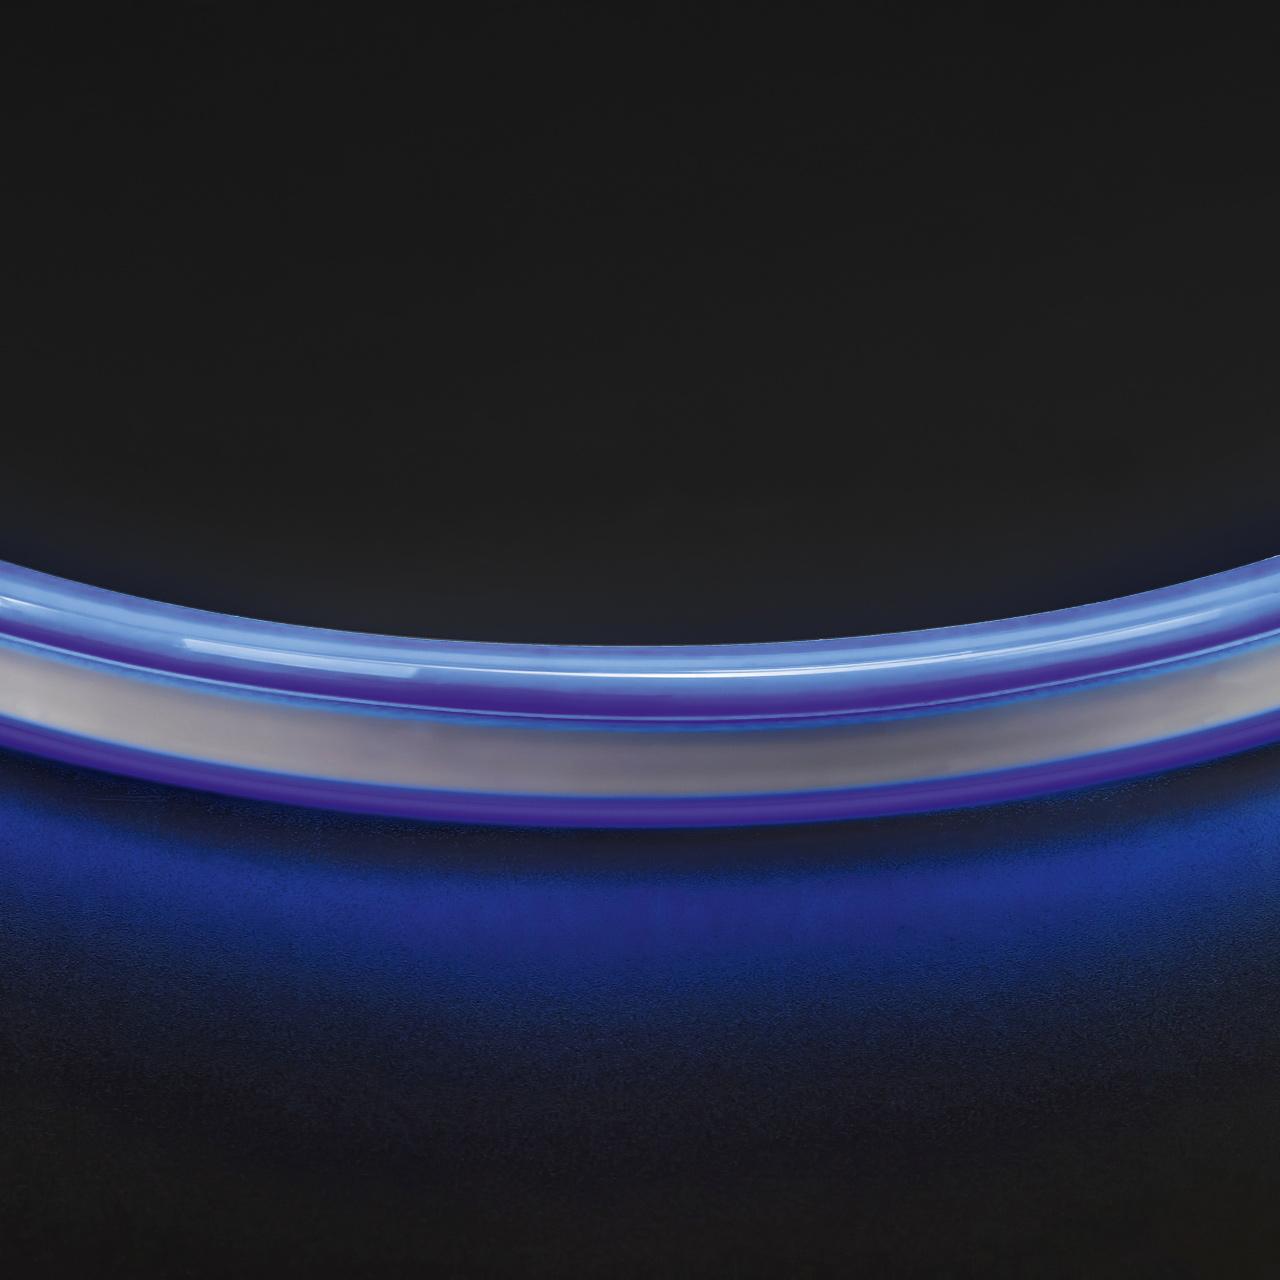 Лента гибкая неоновая NEOLED 220V 120 LED голубой цвет IP65 Lightstar 430105